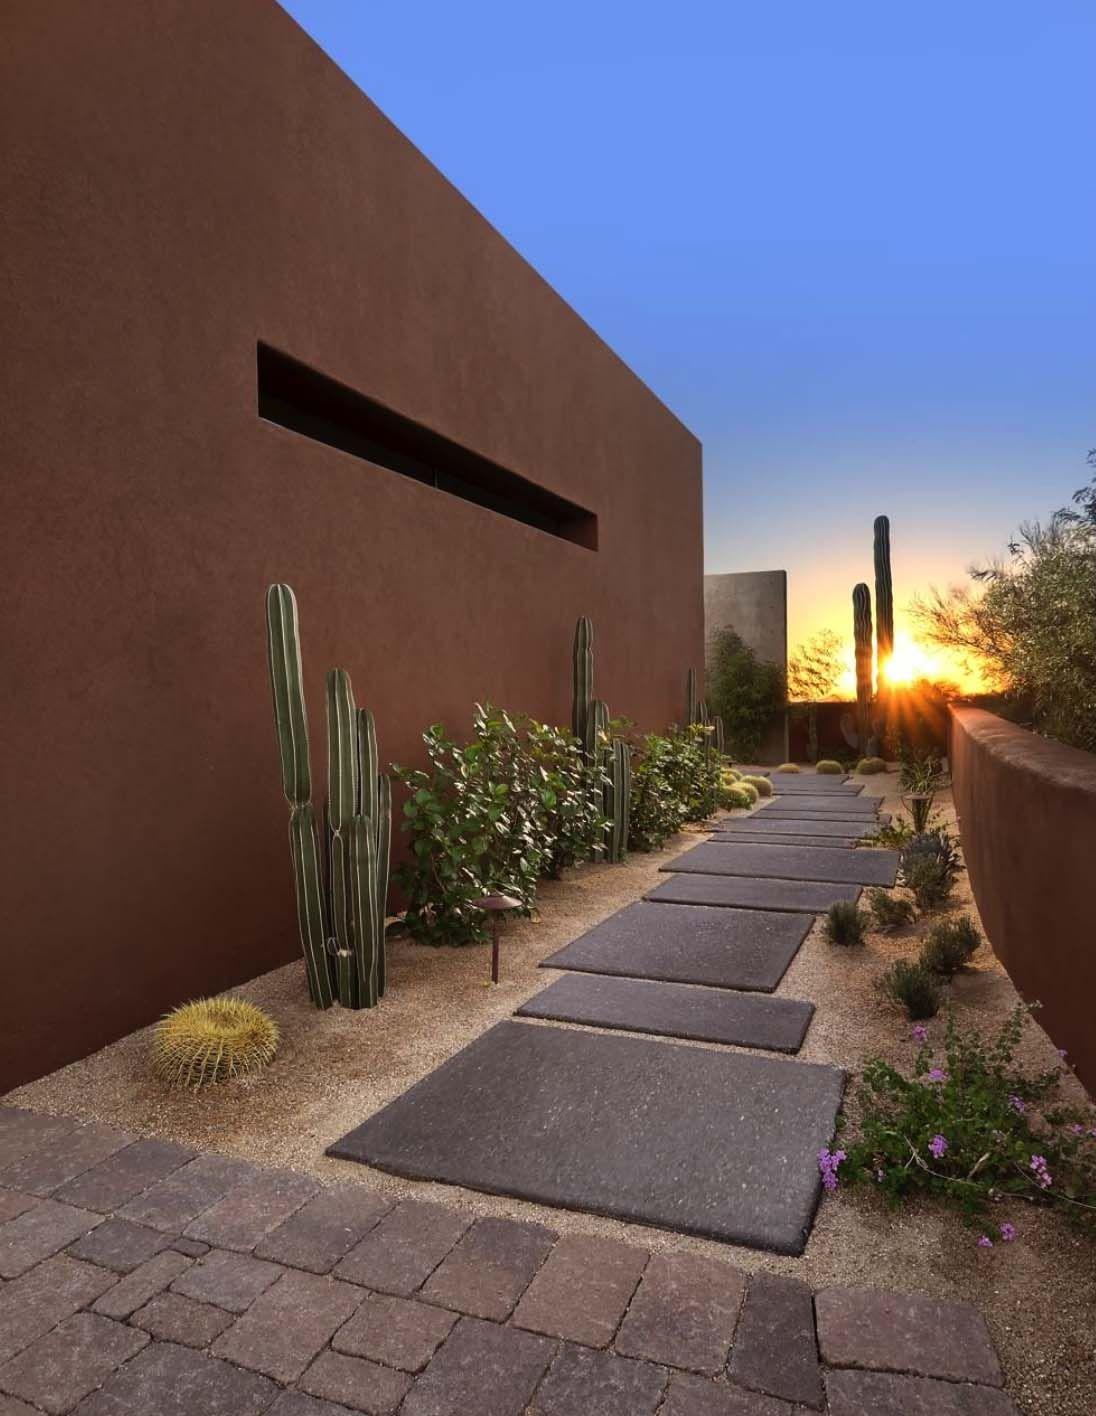 arizona desert home blurs indoor-outdoor